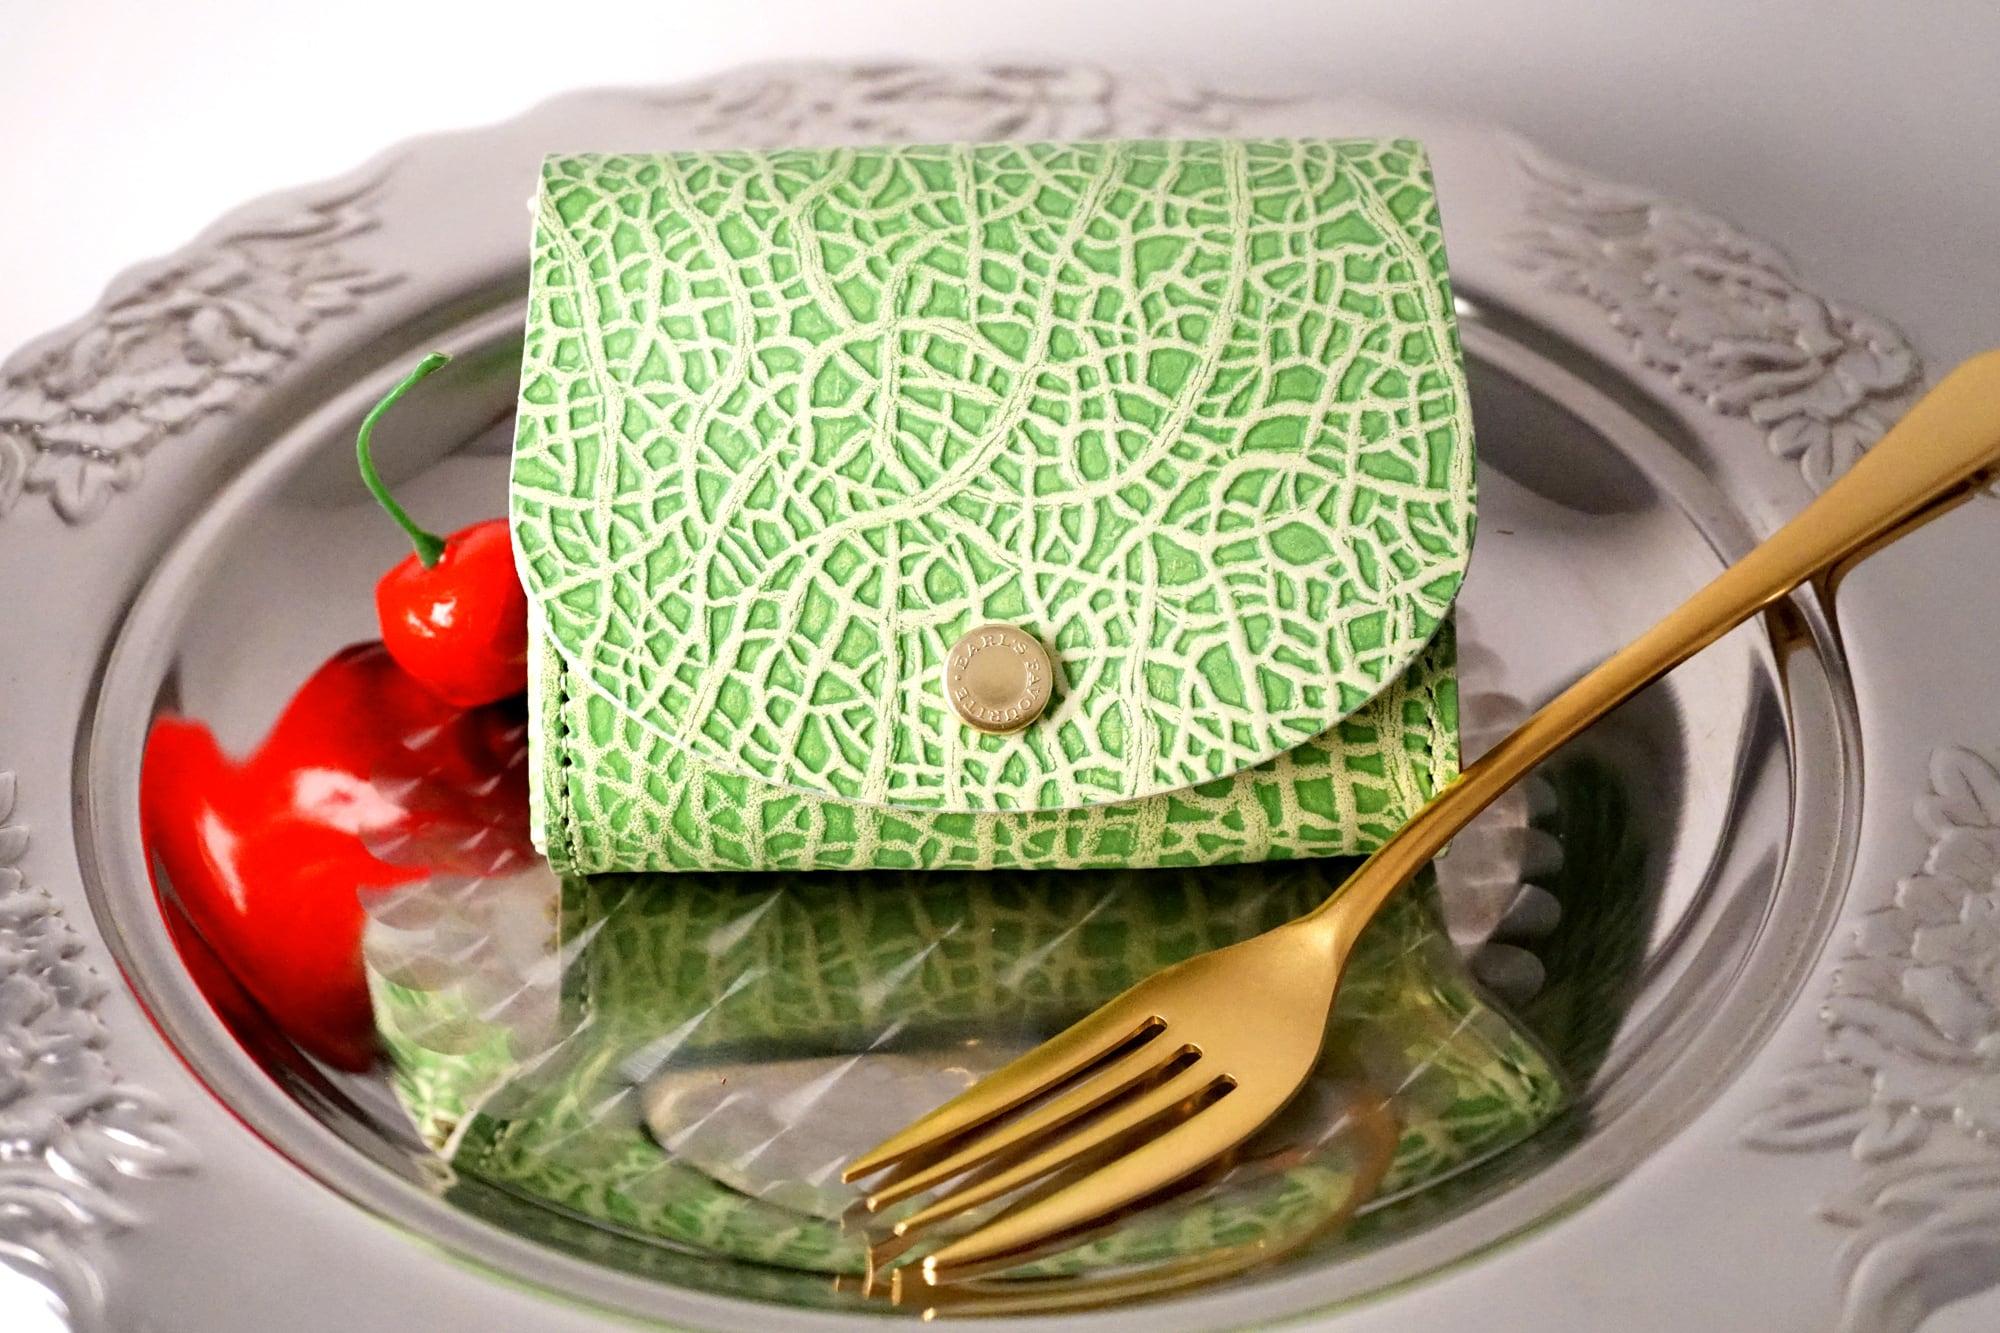 メロンなコンパクト財布(牛革製)